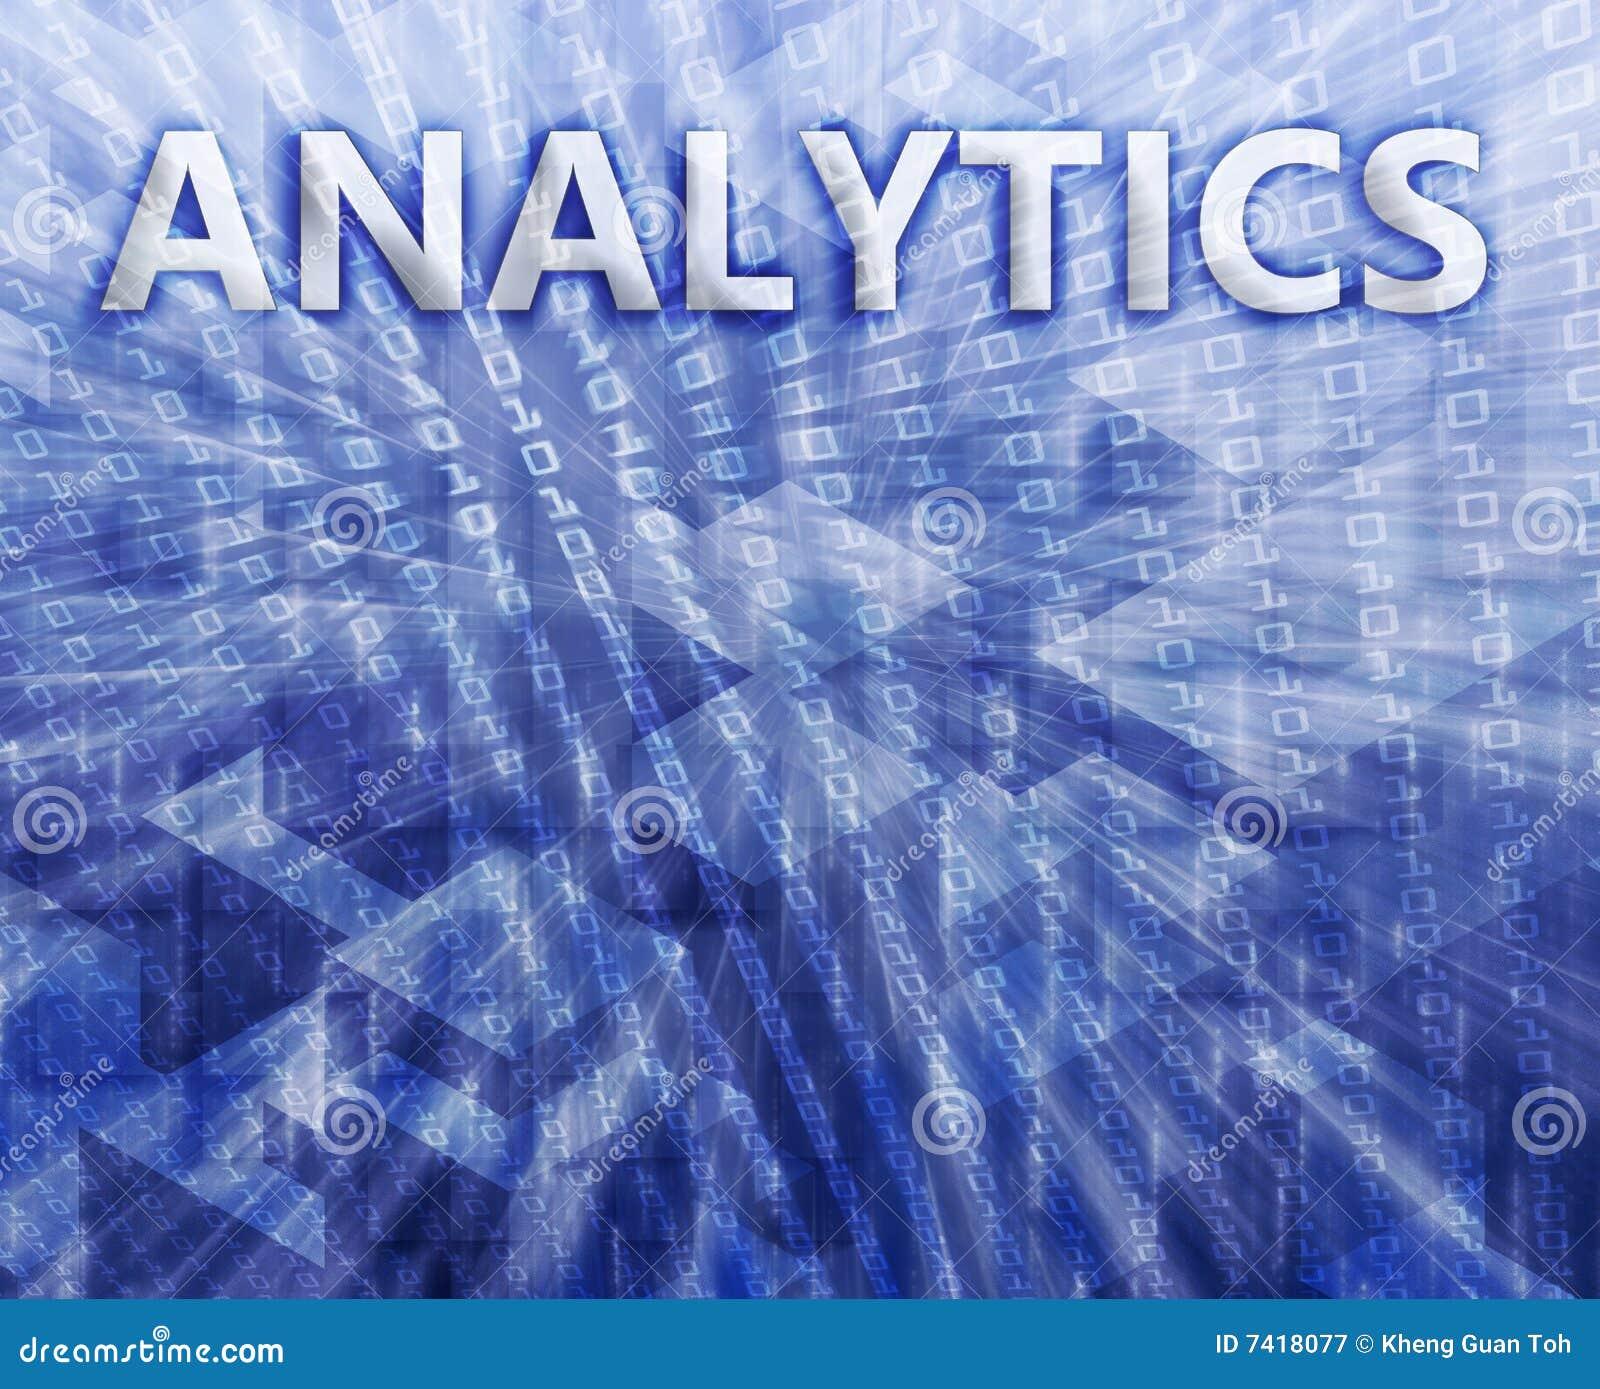 Analytics Abbildung